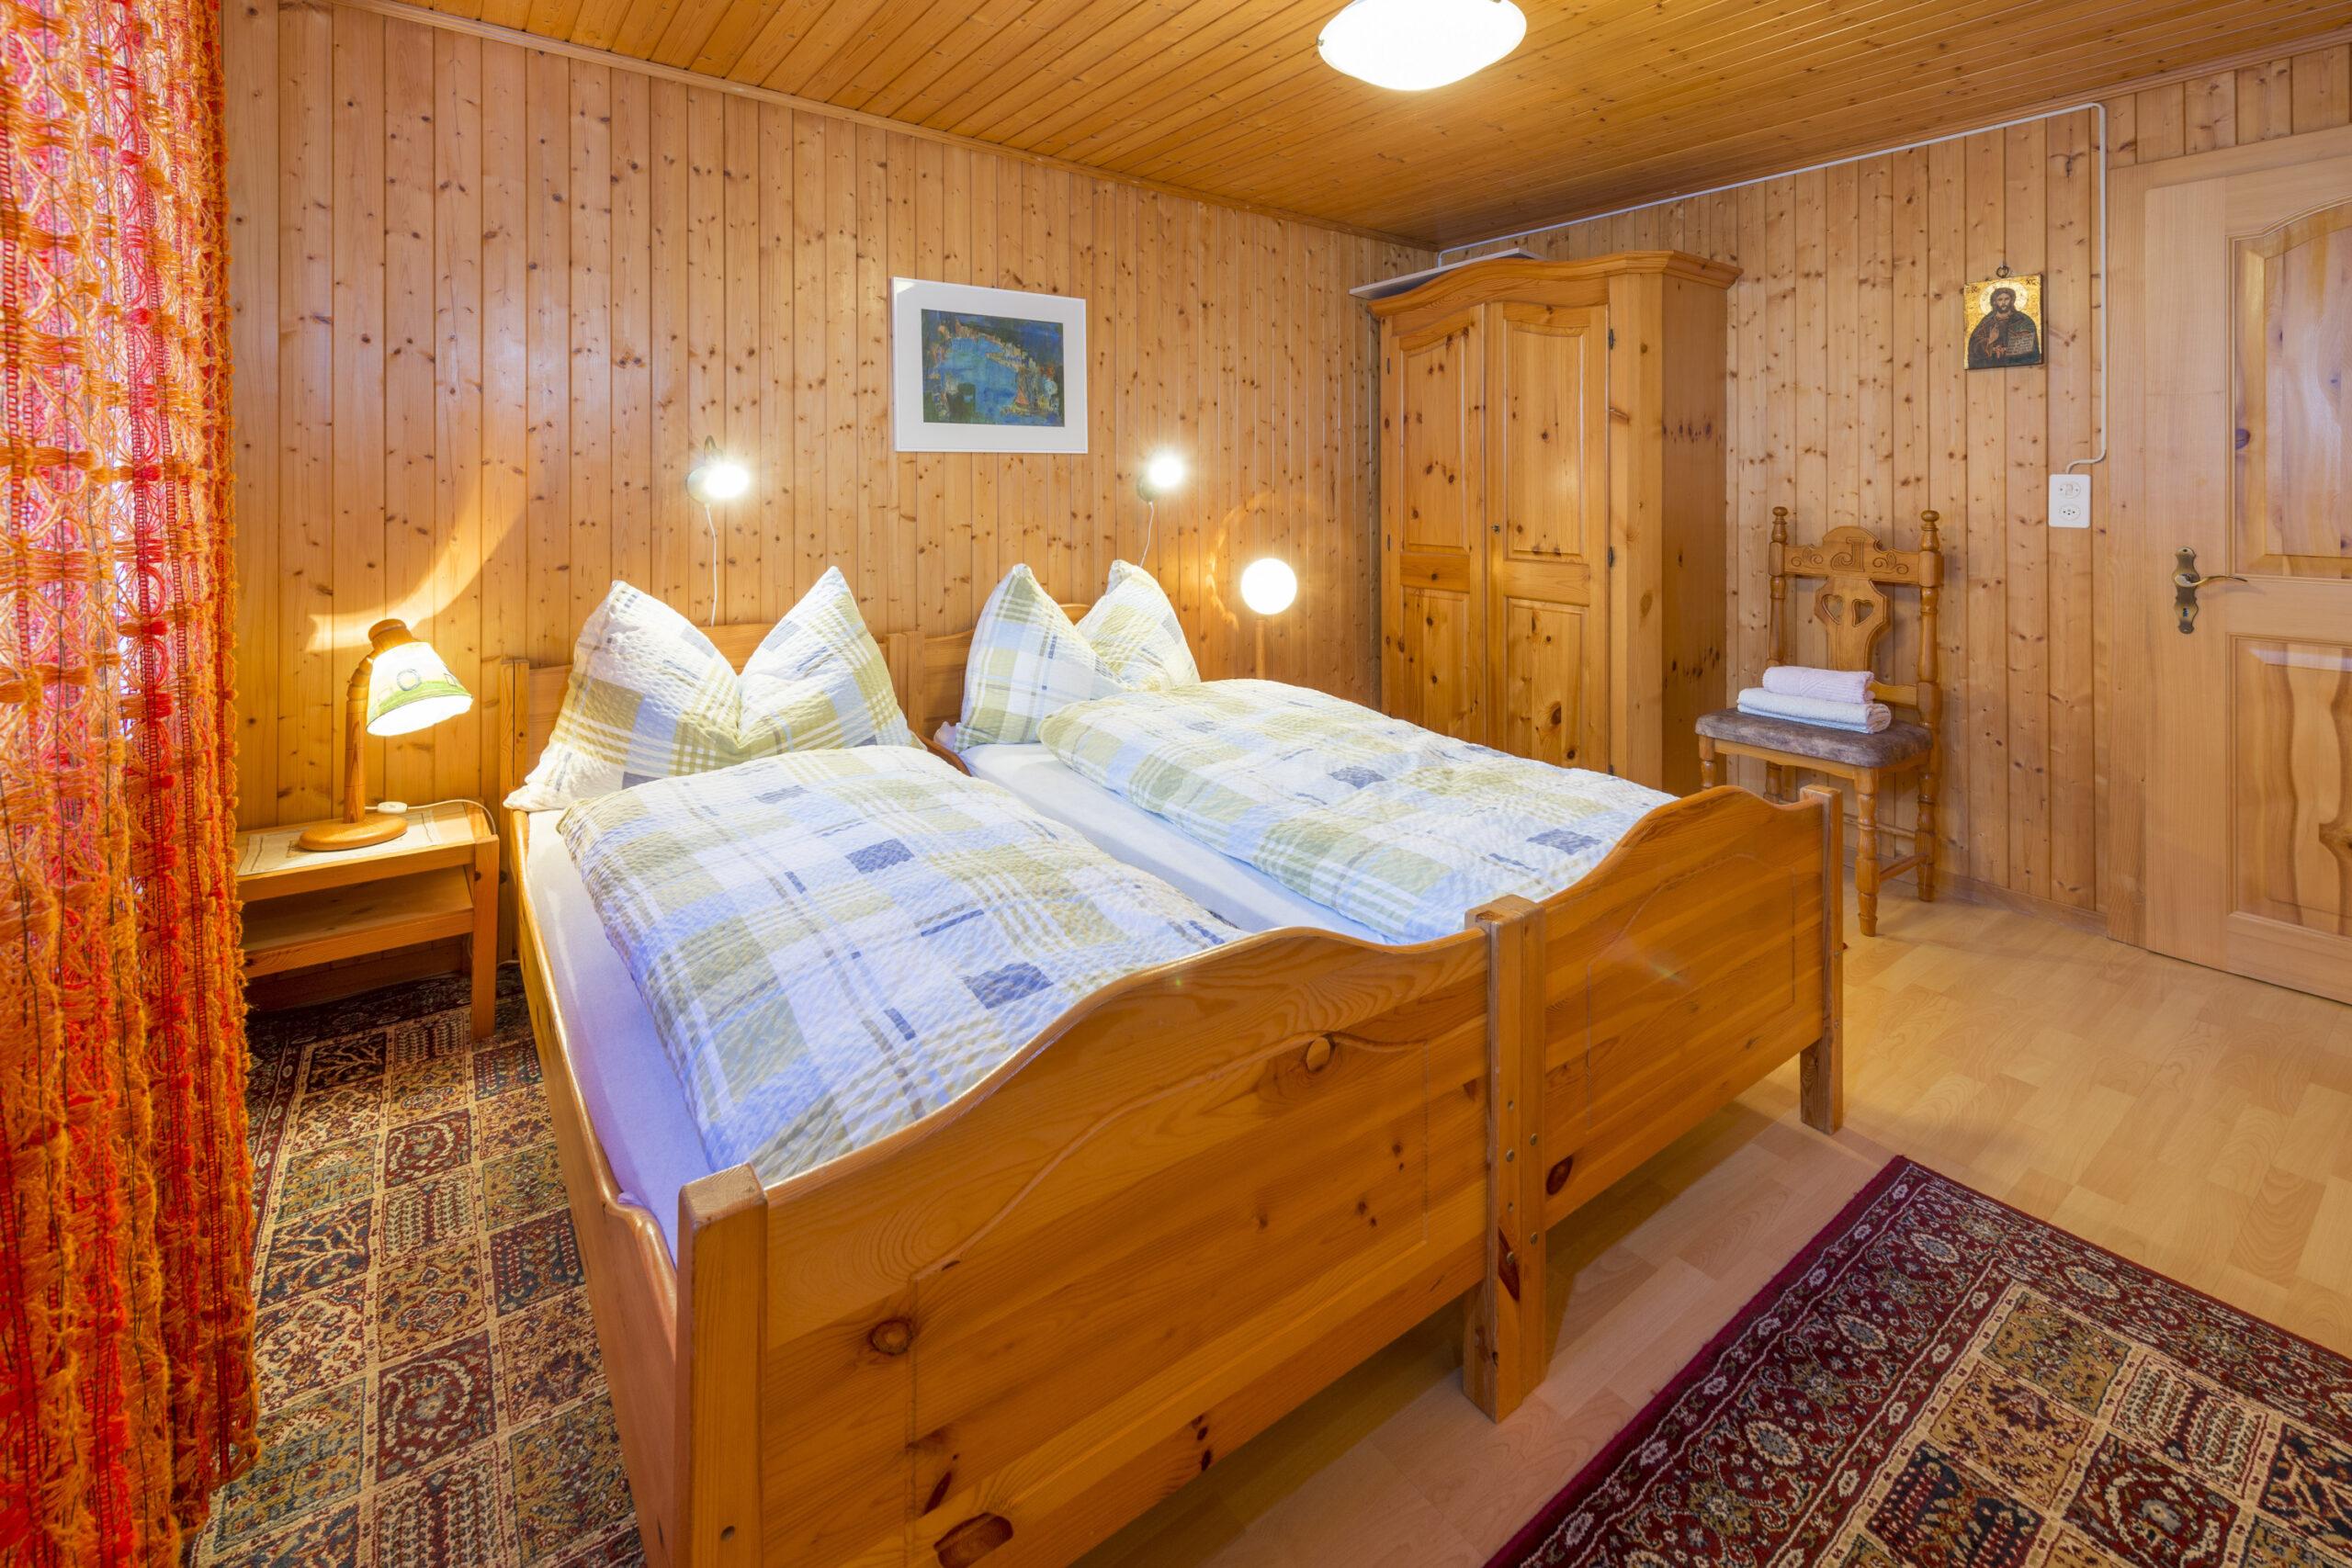 Schlafzimmer2 Garderobe3000px